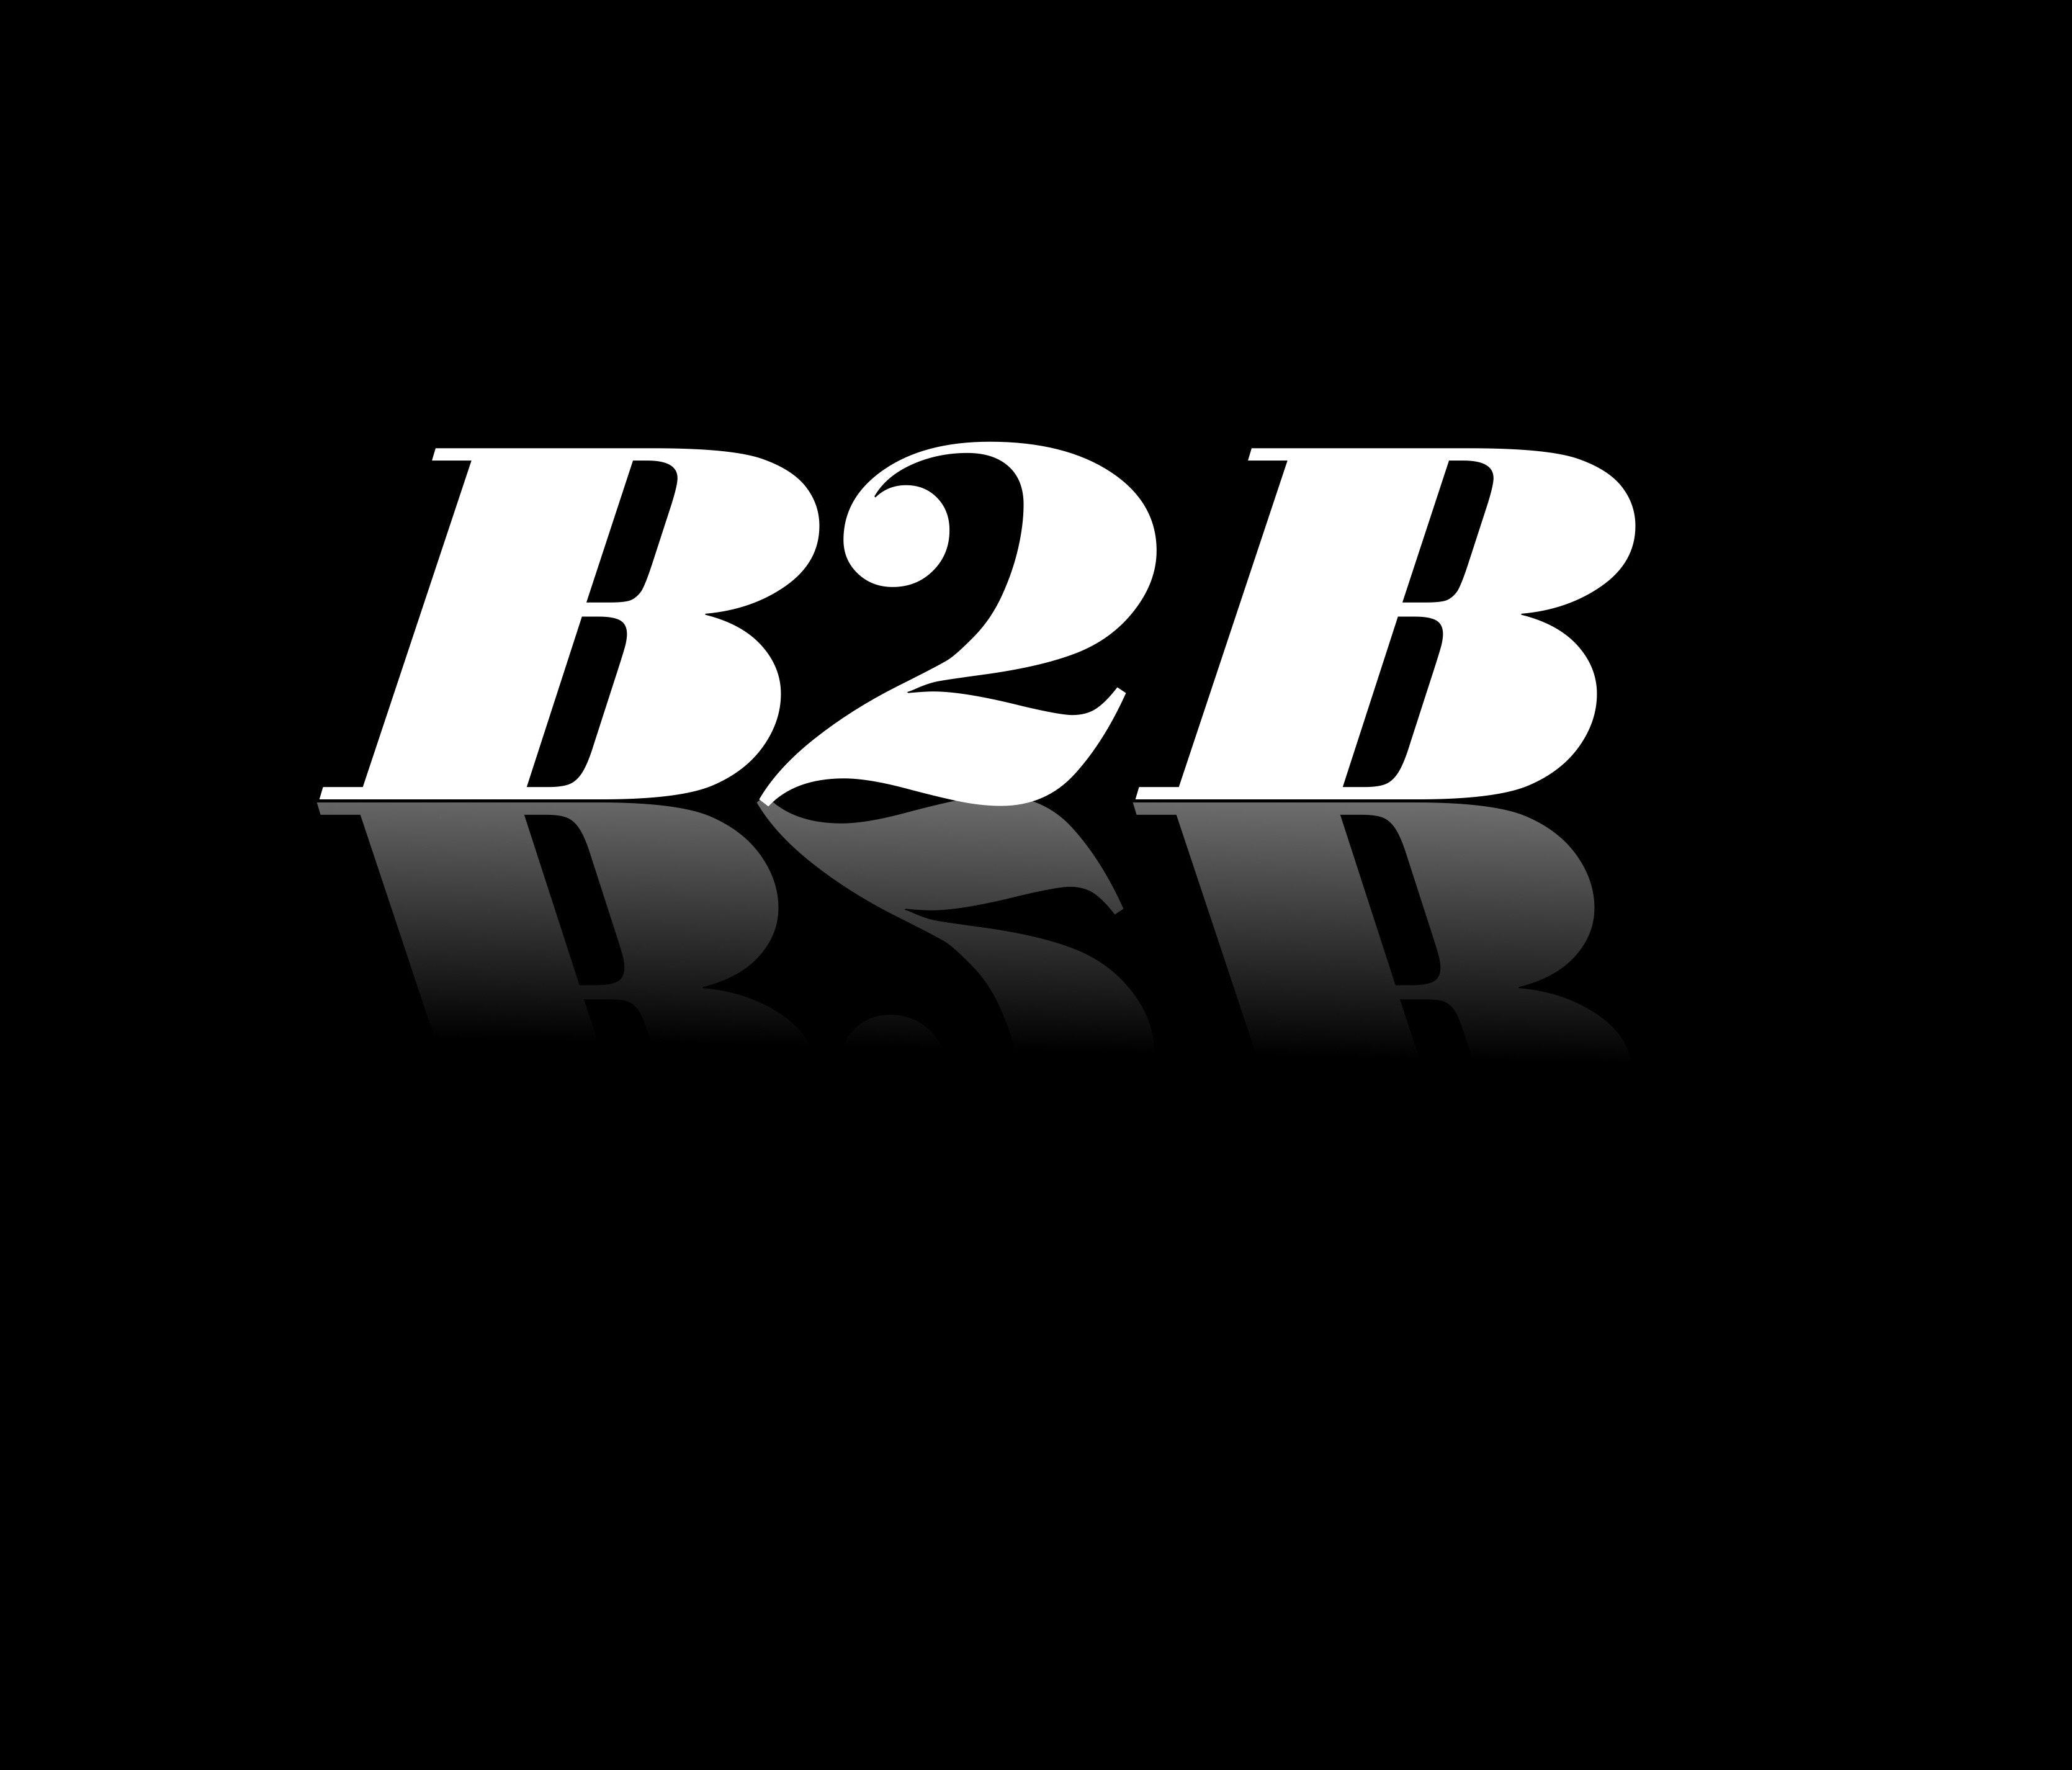 4 stratégies marketing agissantes pour développer votre marque B2B